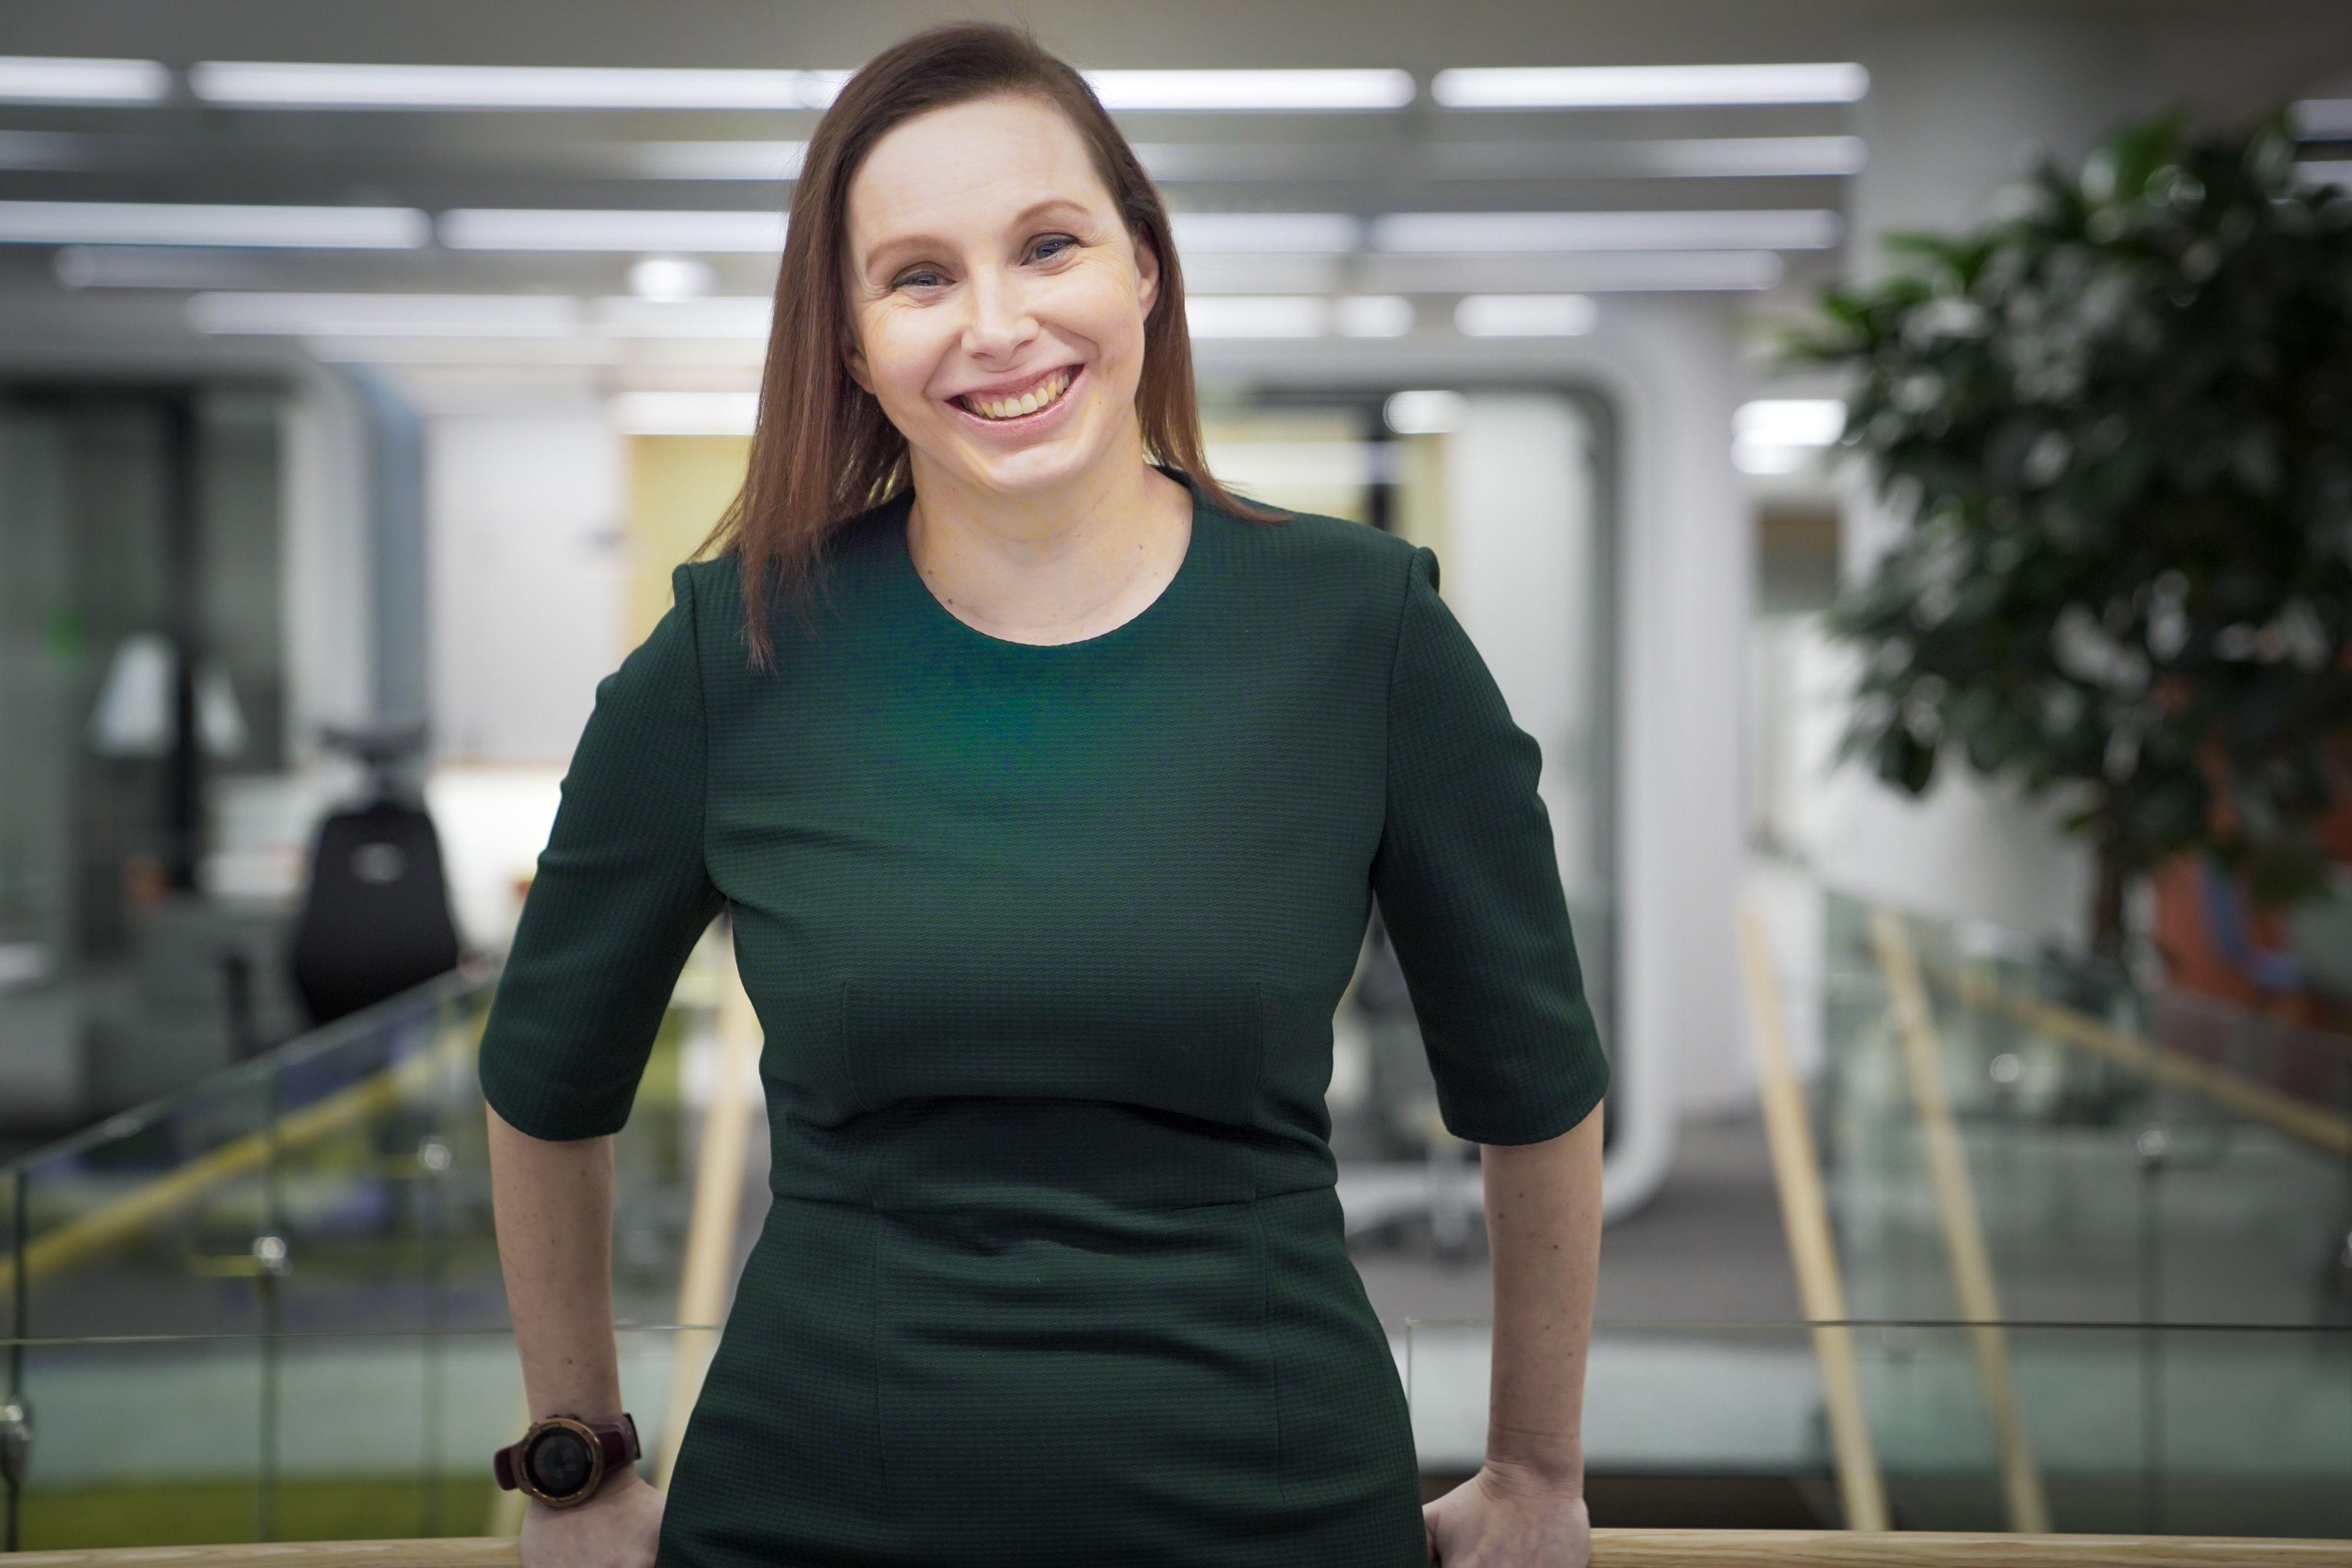 Kati Riikonen, Telia